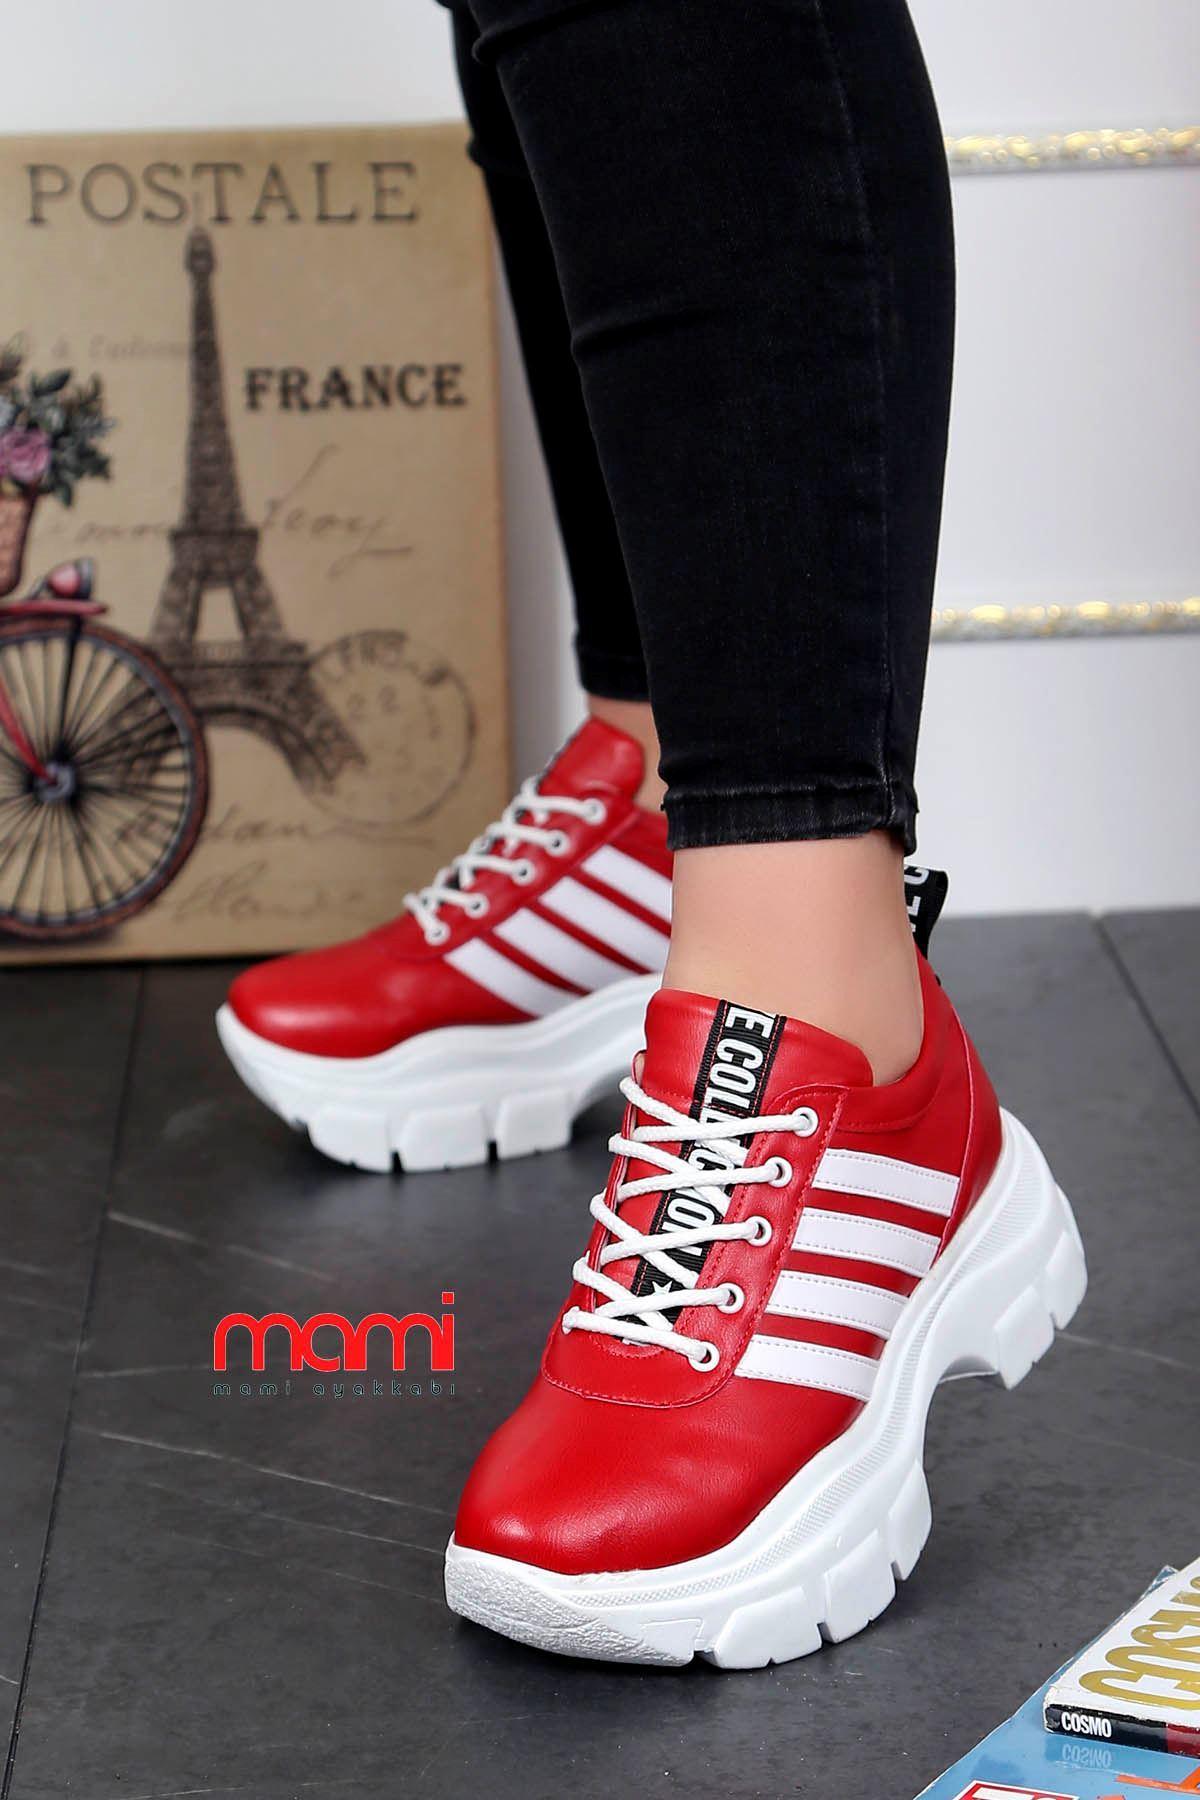 Frm-400 Tabanlı Spor Ayakkabı Kırmızı Deri Beyaz Şerit